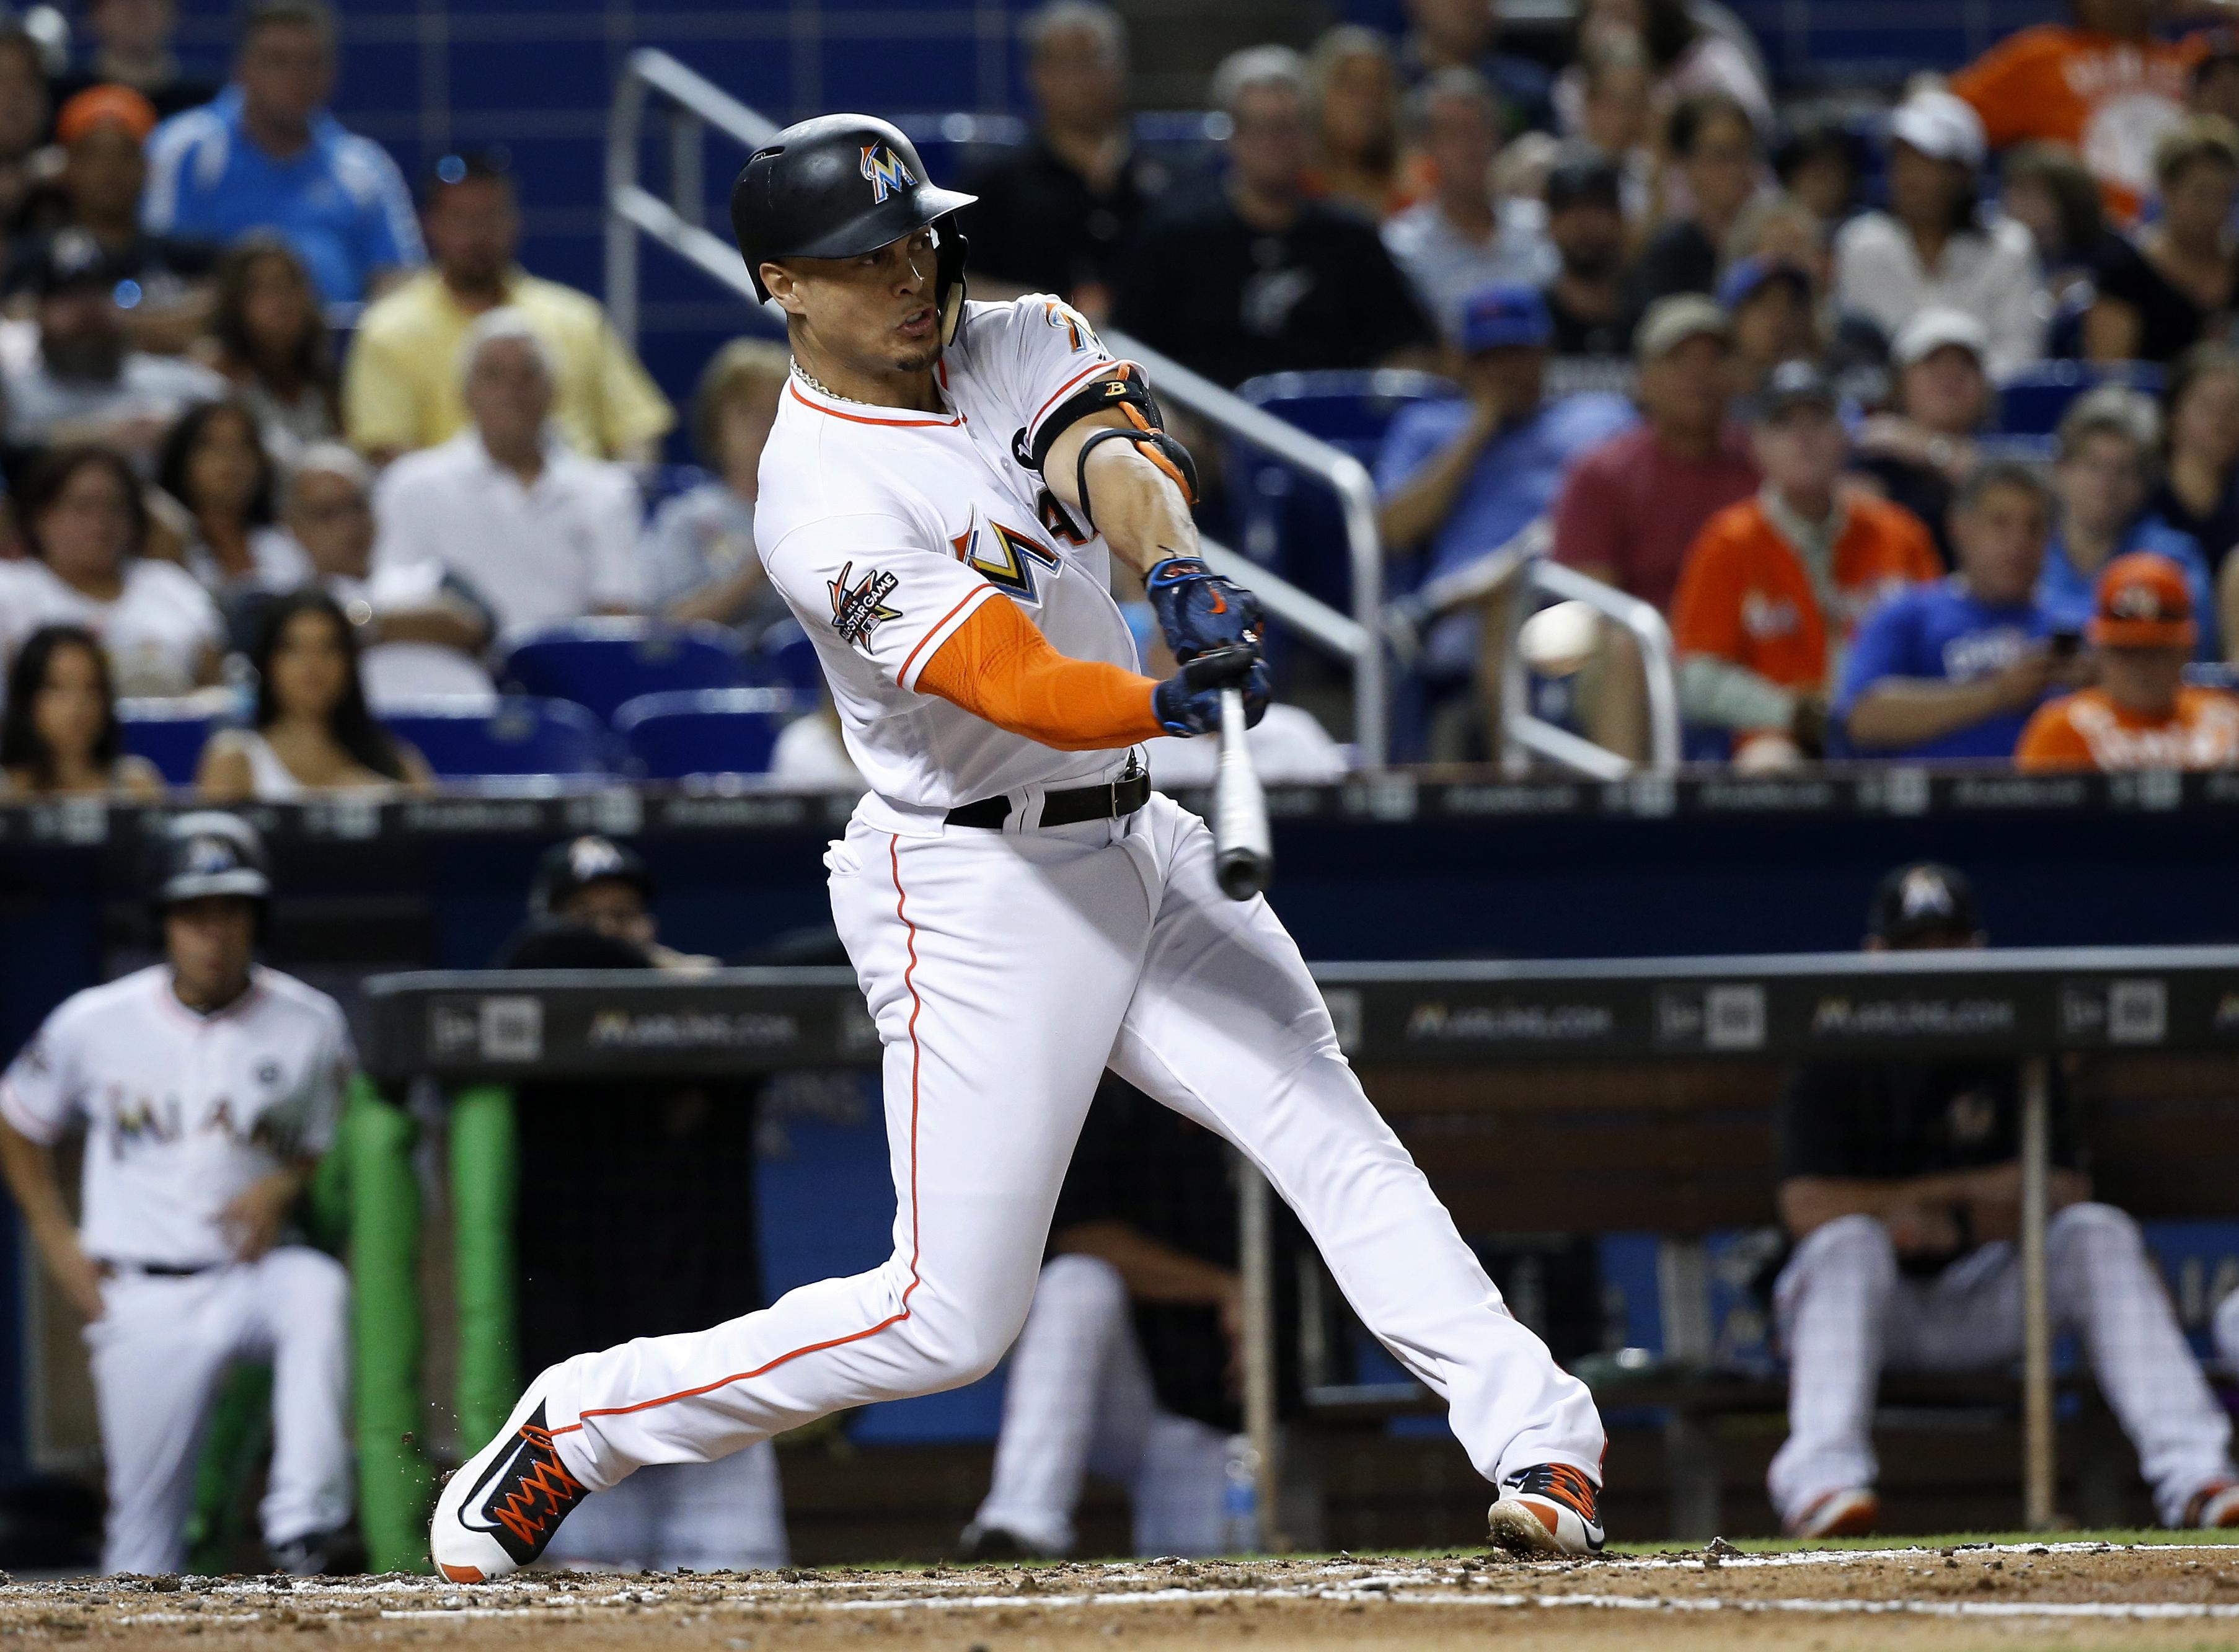 Cubs_marlins_baseball_16843